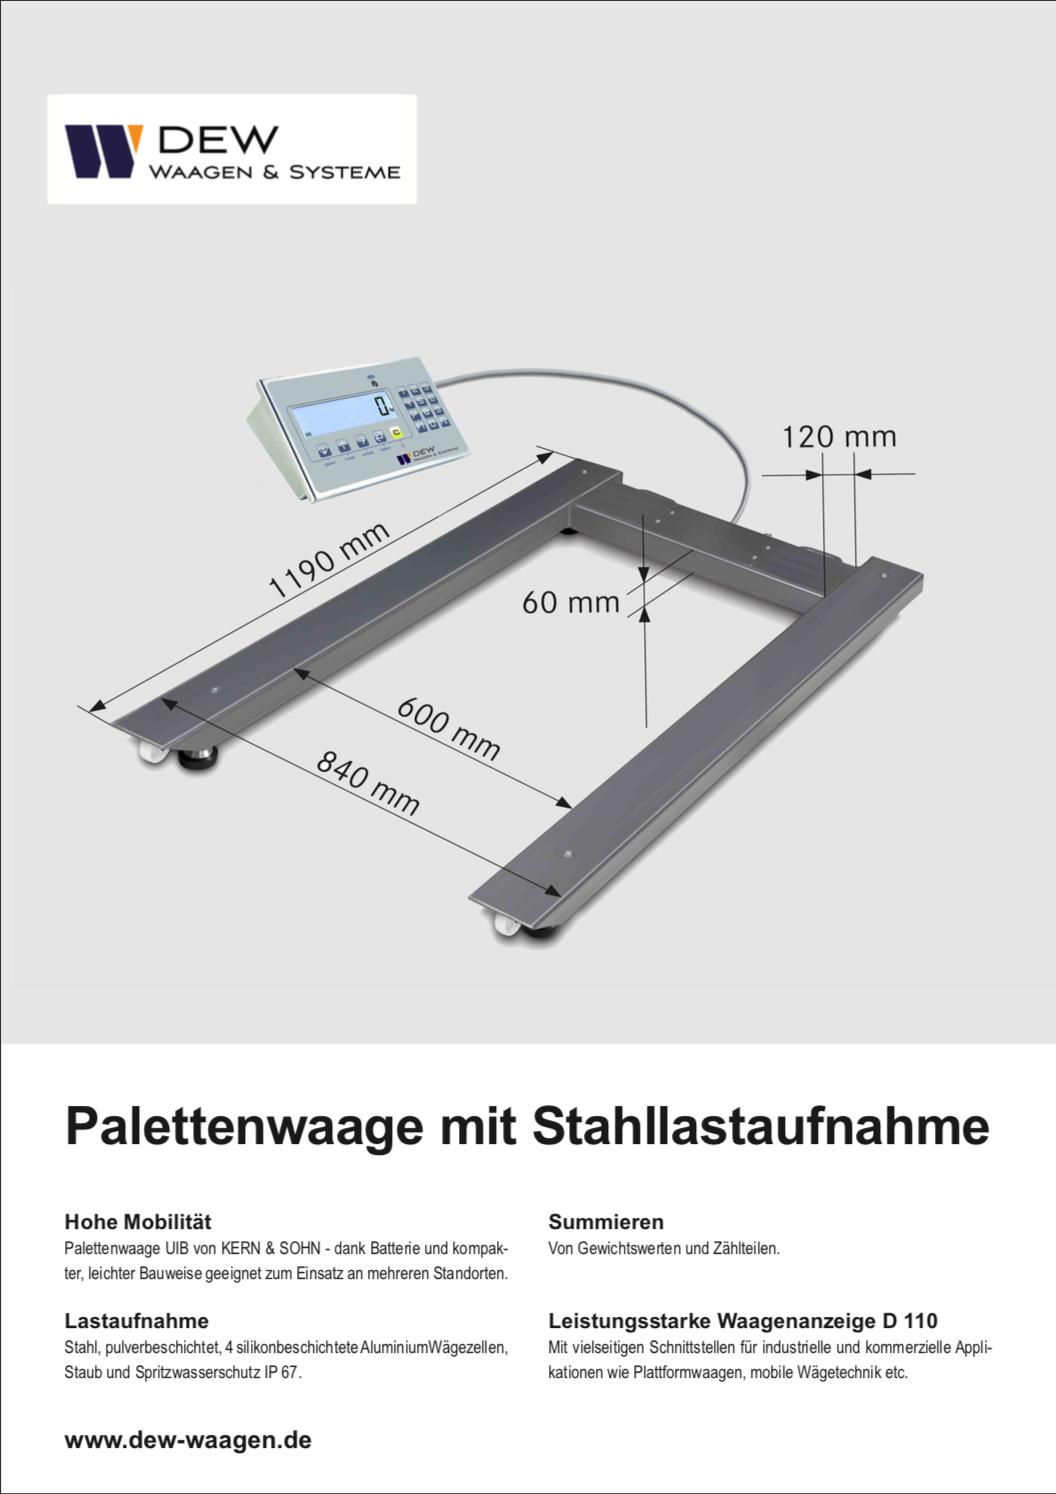 Palettenwaage mit Stahllastaufnahme